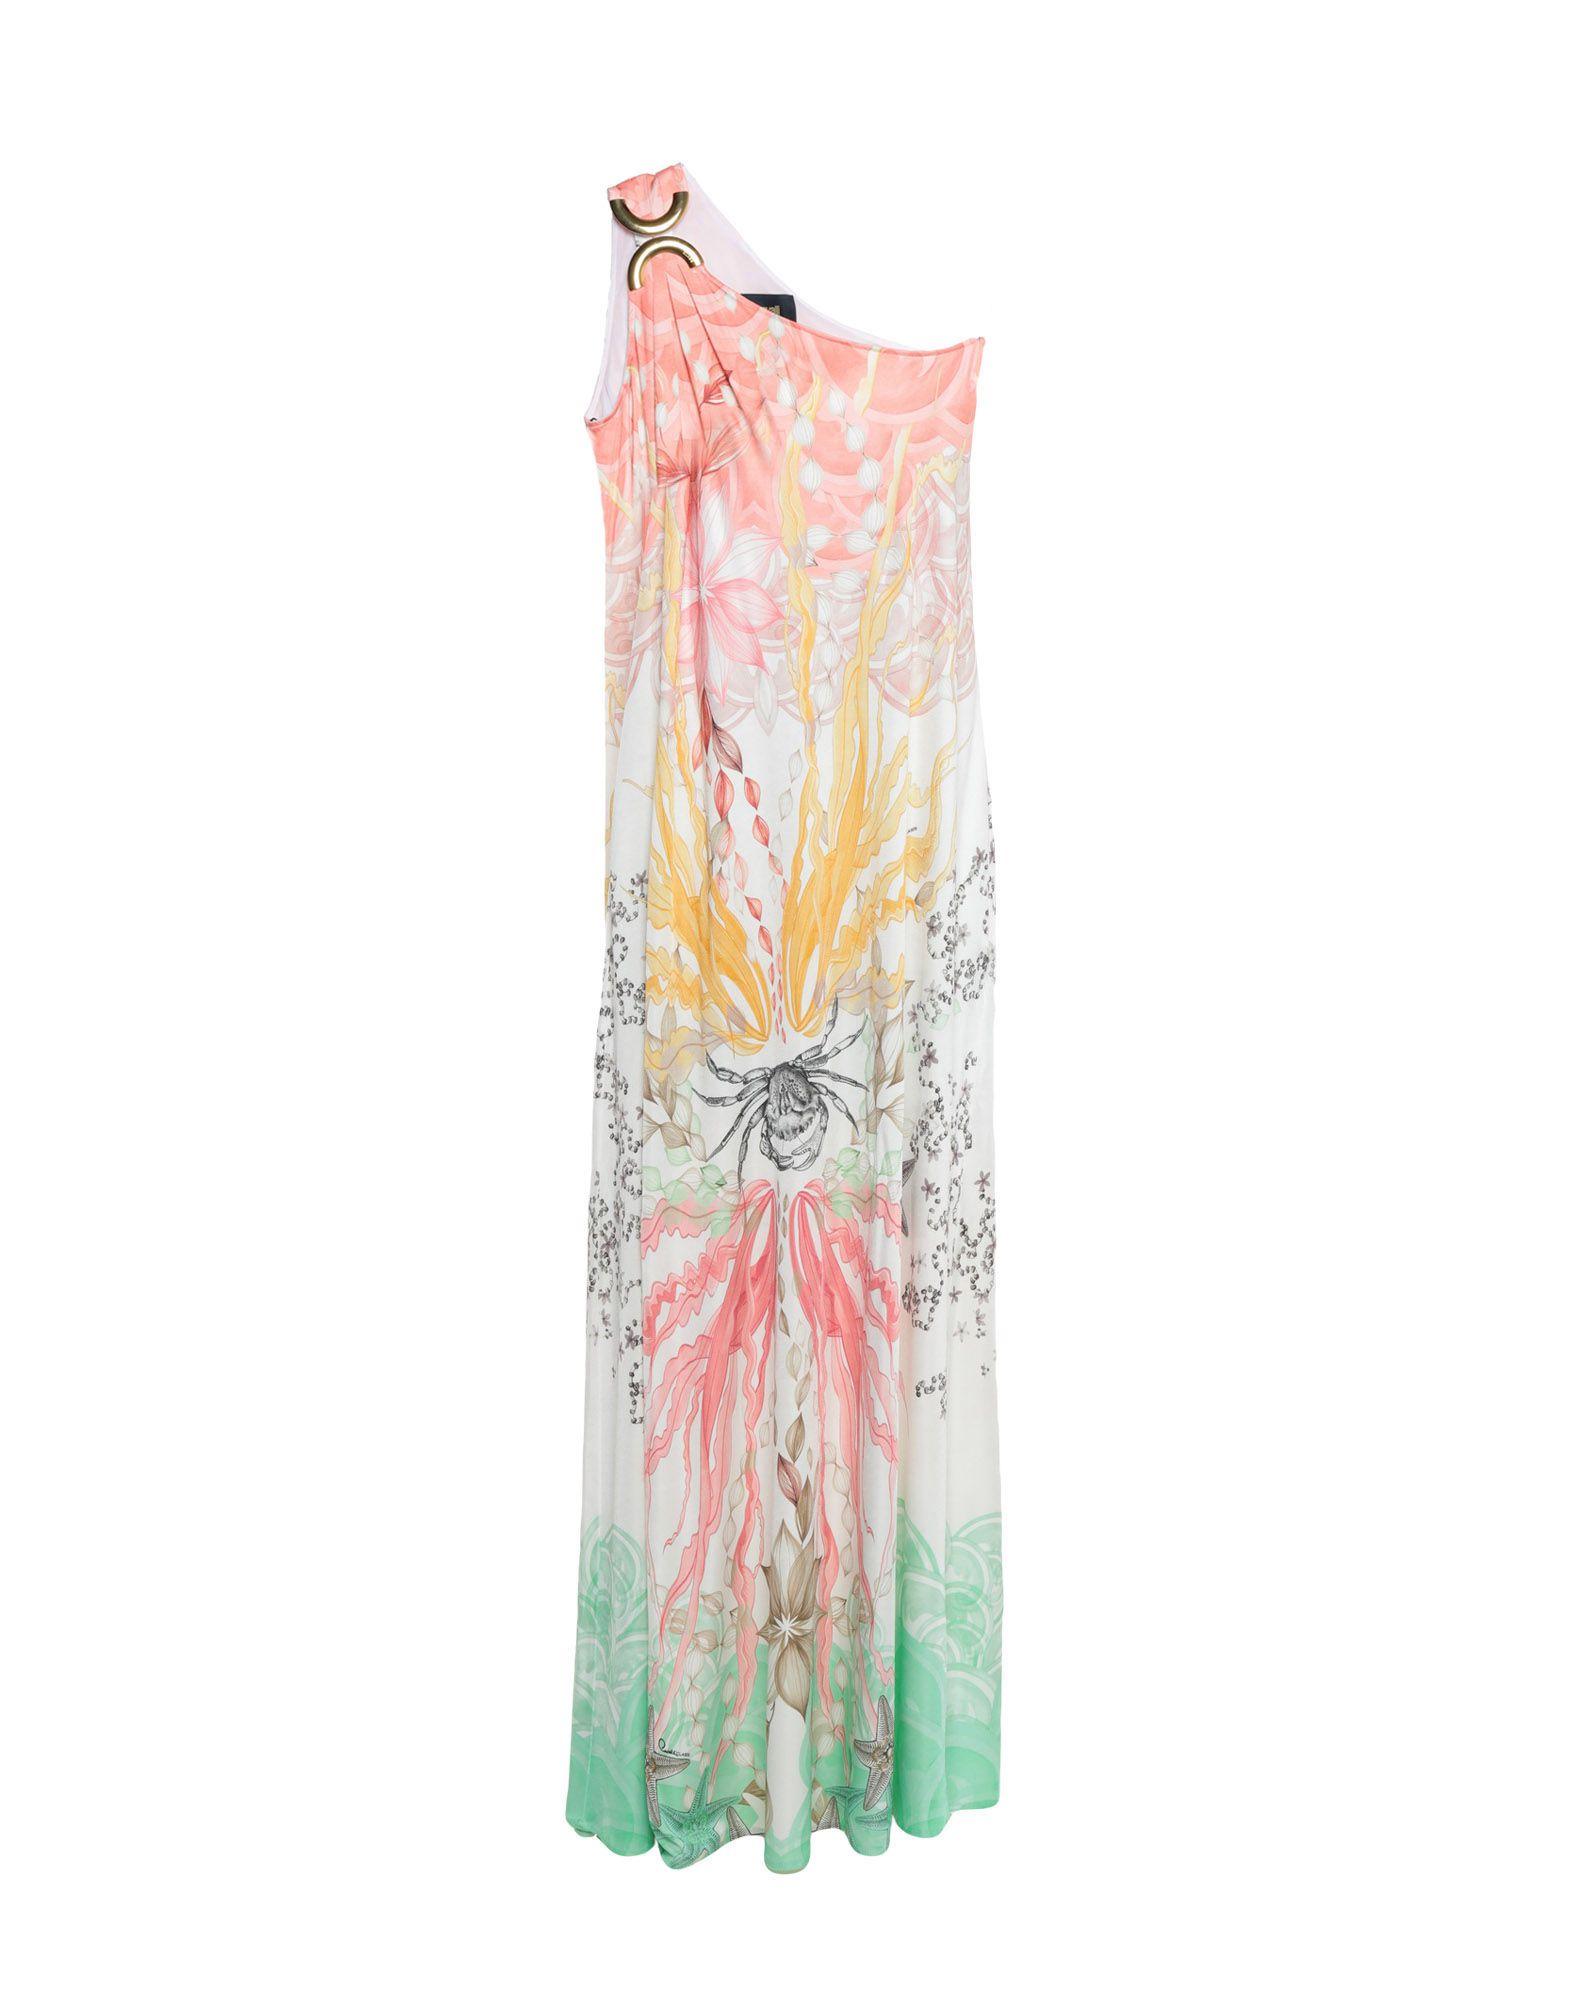 CAVALLI CLASS Длинное платье 923 зима полный дрель бархат вечернее платье длинное плечо банкет тост одежды тонкий тонкий хост